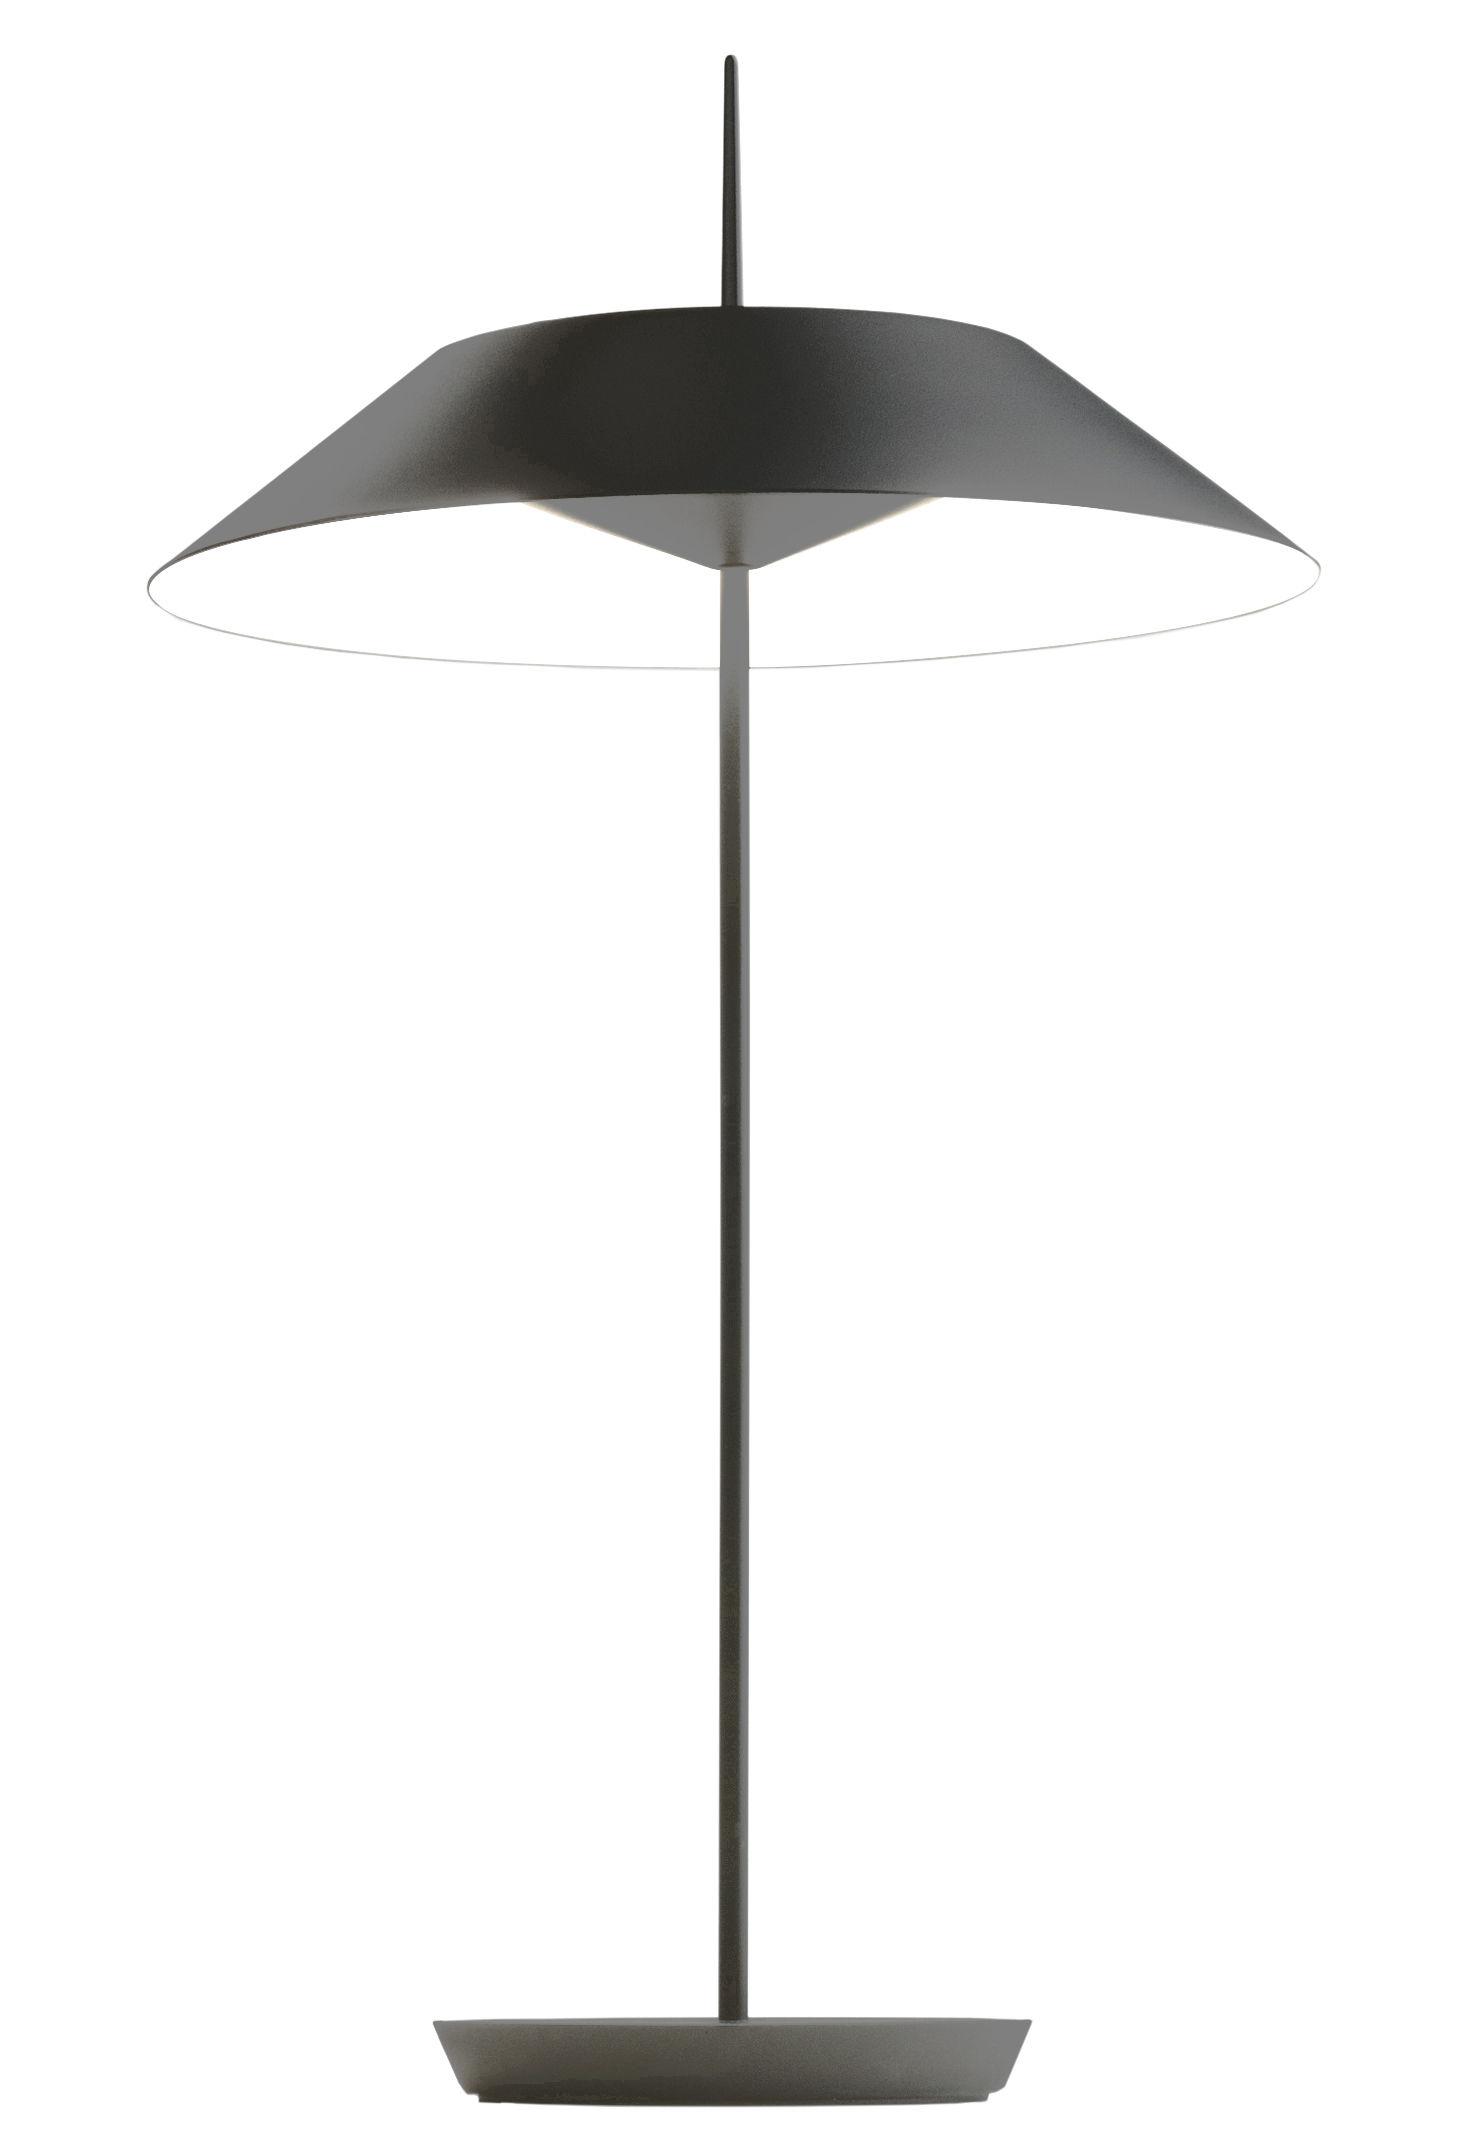 Illuminazione - Lampade da tavolo - Lampada da tavolo Mayfair - LED / H 52 cm di Vibia - Grafite opaco -  Zamak, Acciaio, Metacrilato